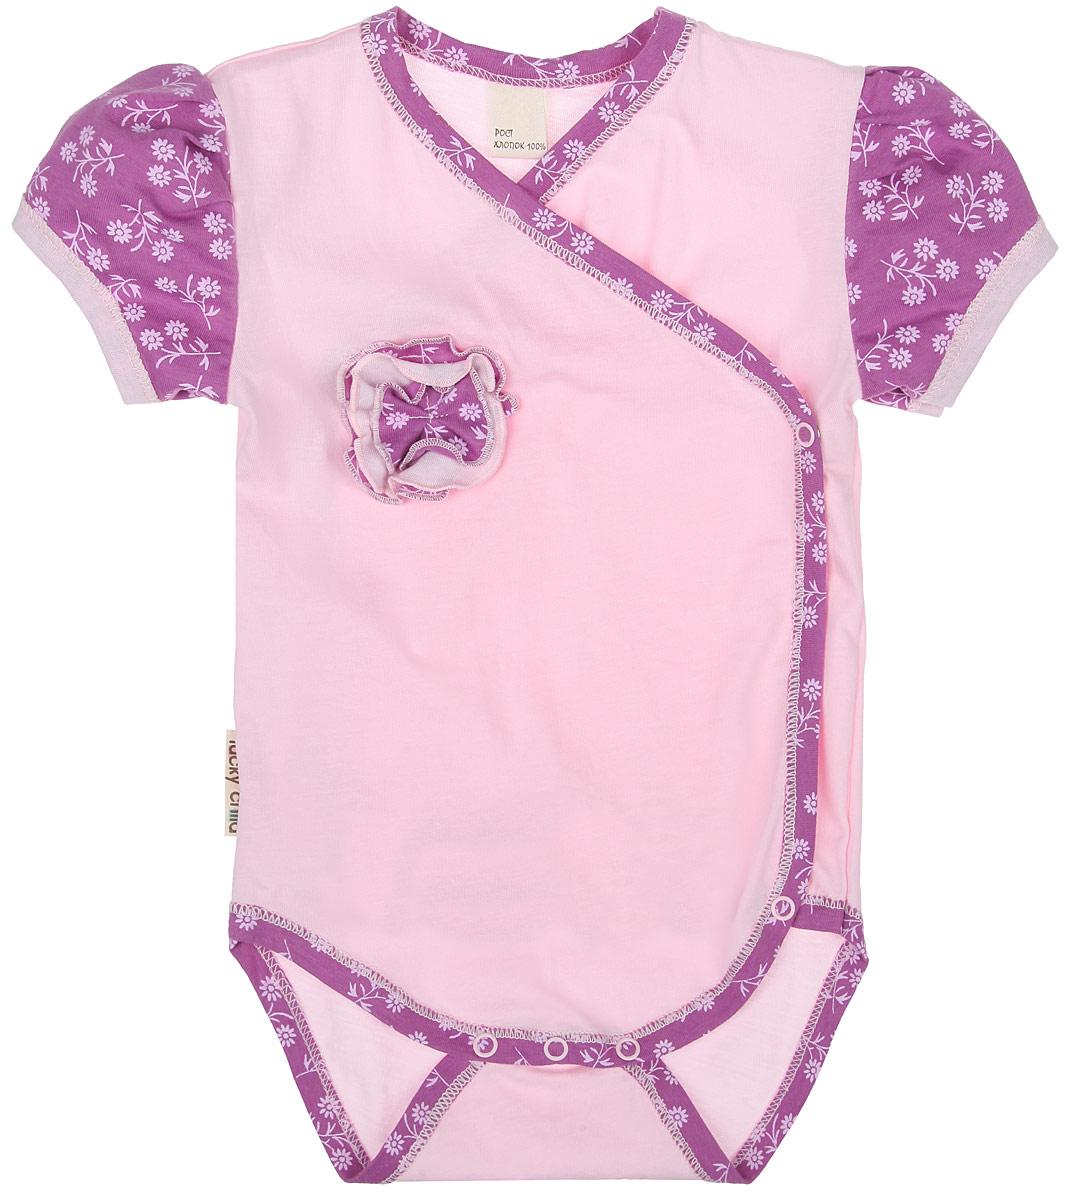 Боди для девочки Lucky Child Цветочки, цвет: светло-розовый, сиреневый. 11-51. Размер 80/86, 12-18 месяцев